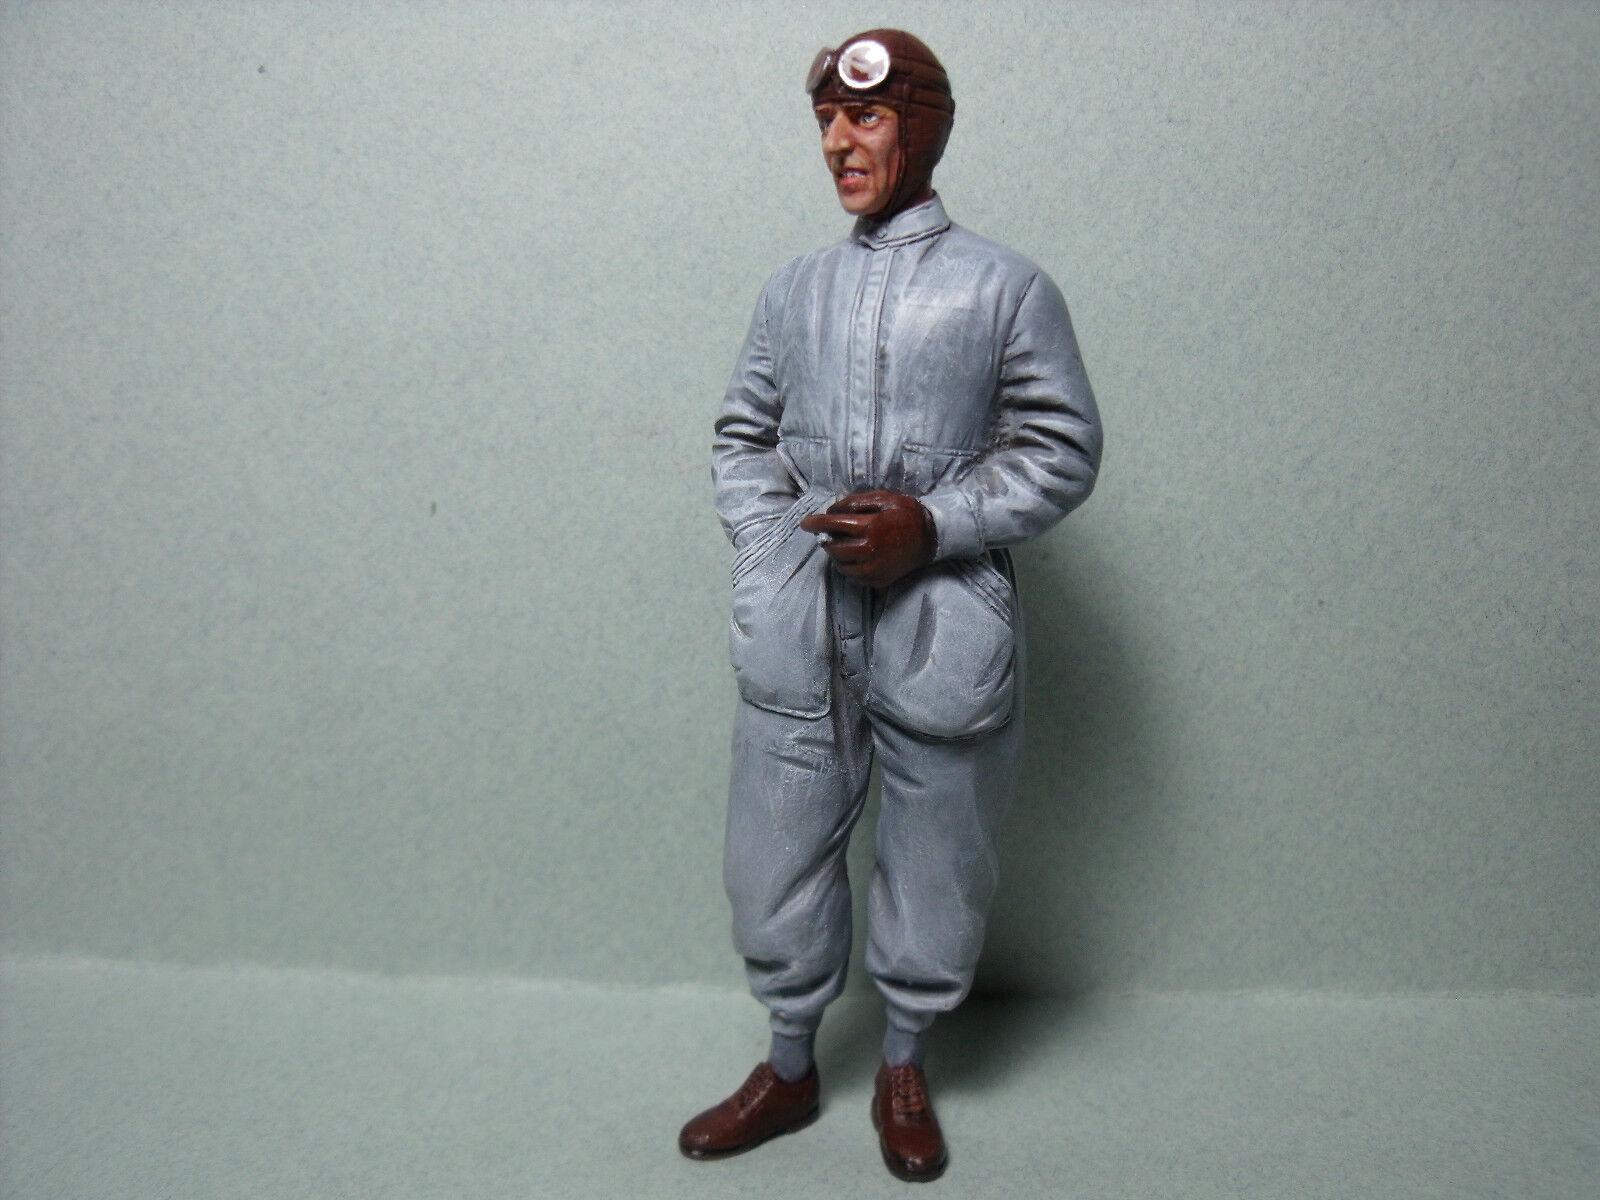 Tazio Nuvolari 1 18 pintadas personaje de Vroom fur cmc Auto Unión